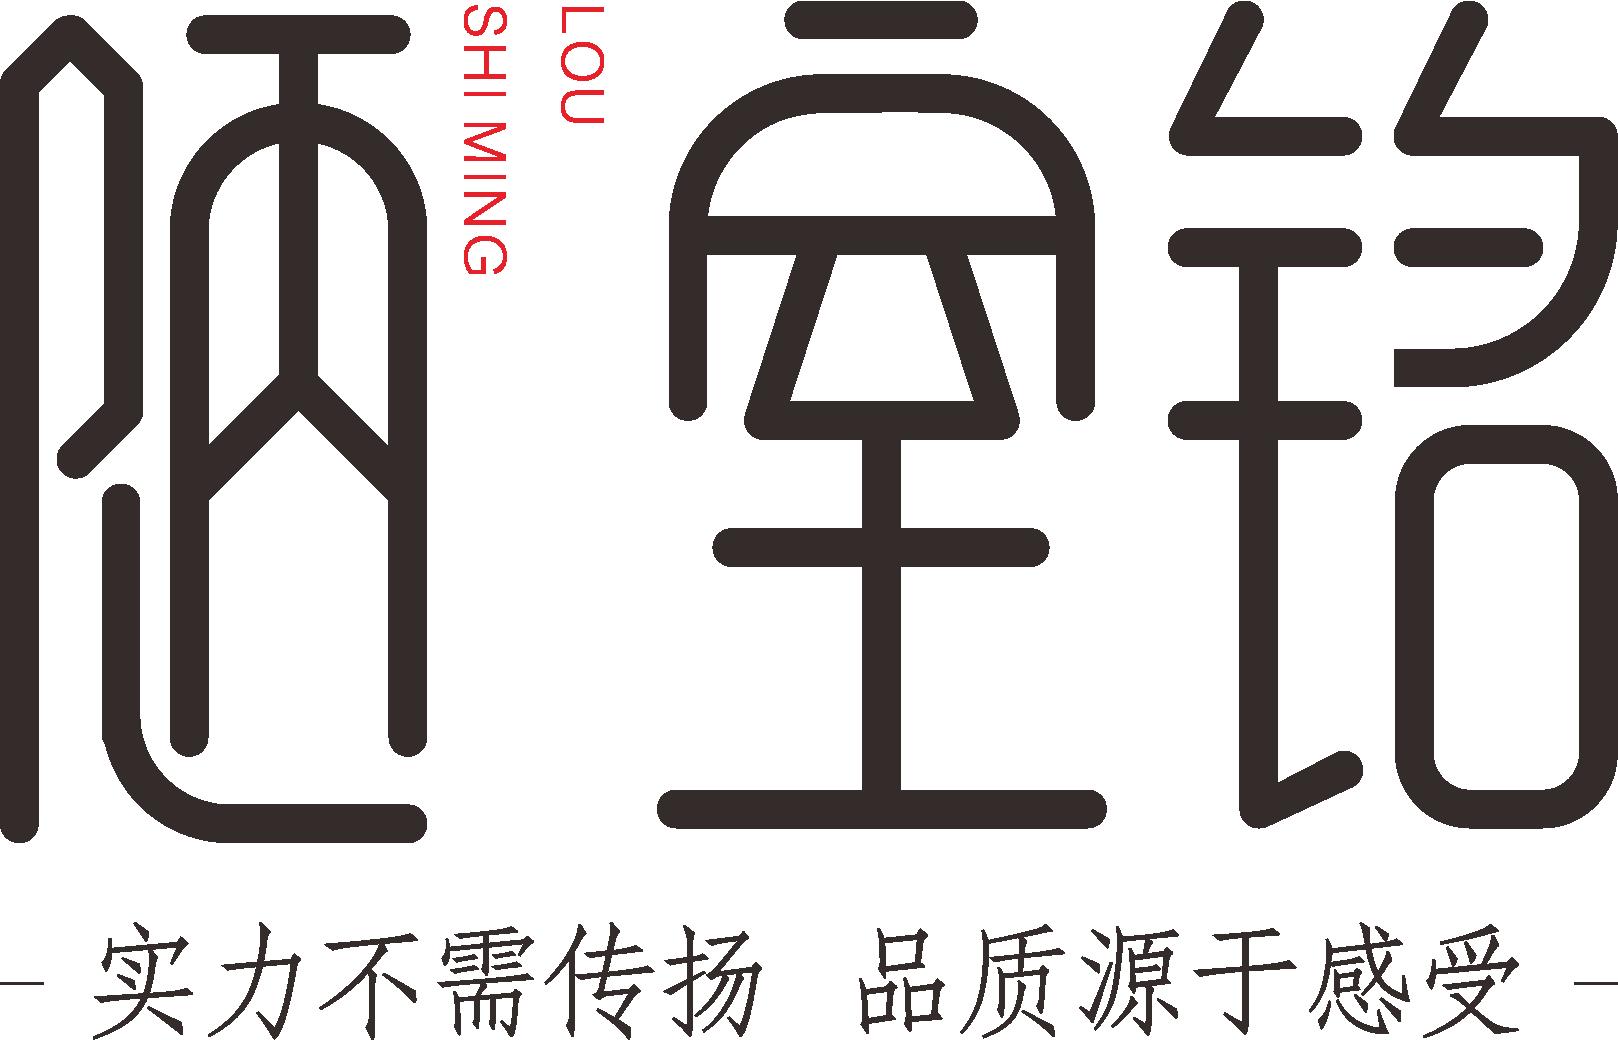 江西陋室铭装饰设计有限公司 - 南昌装修公司